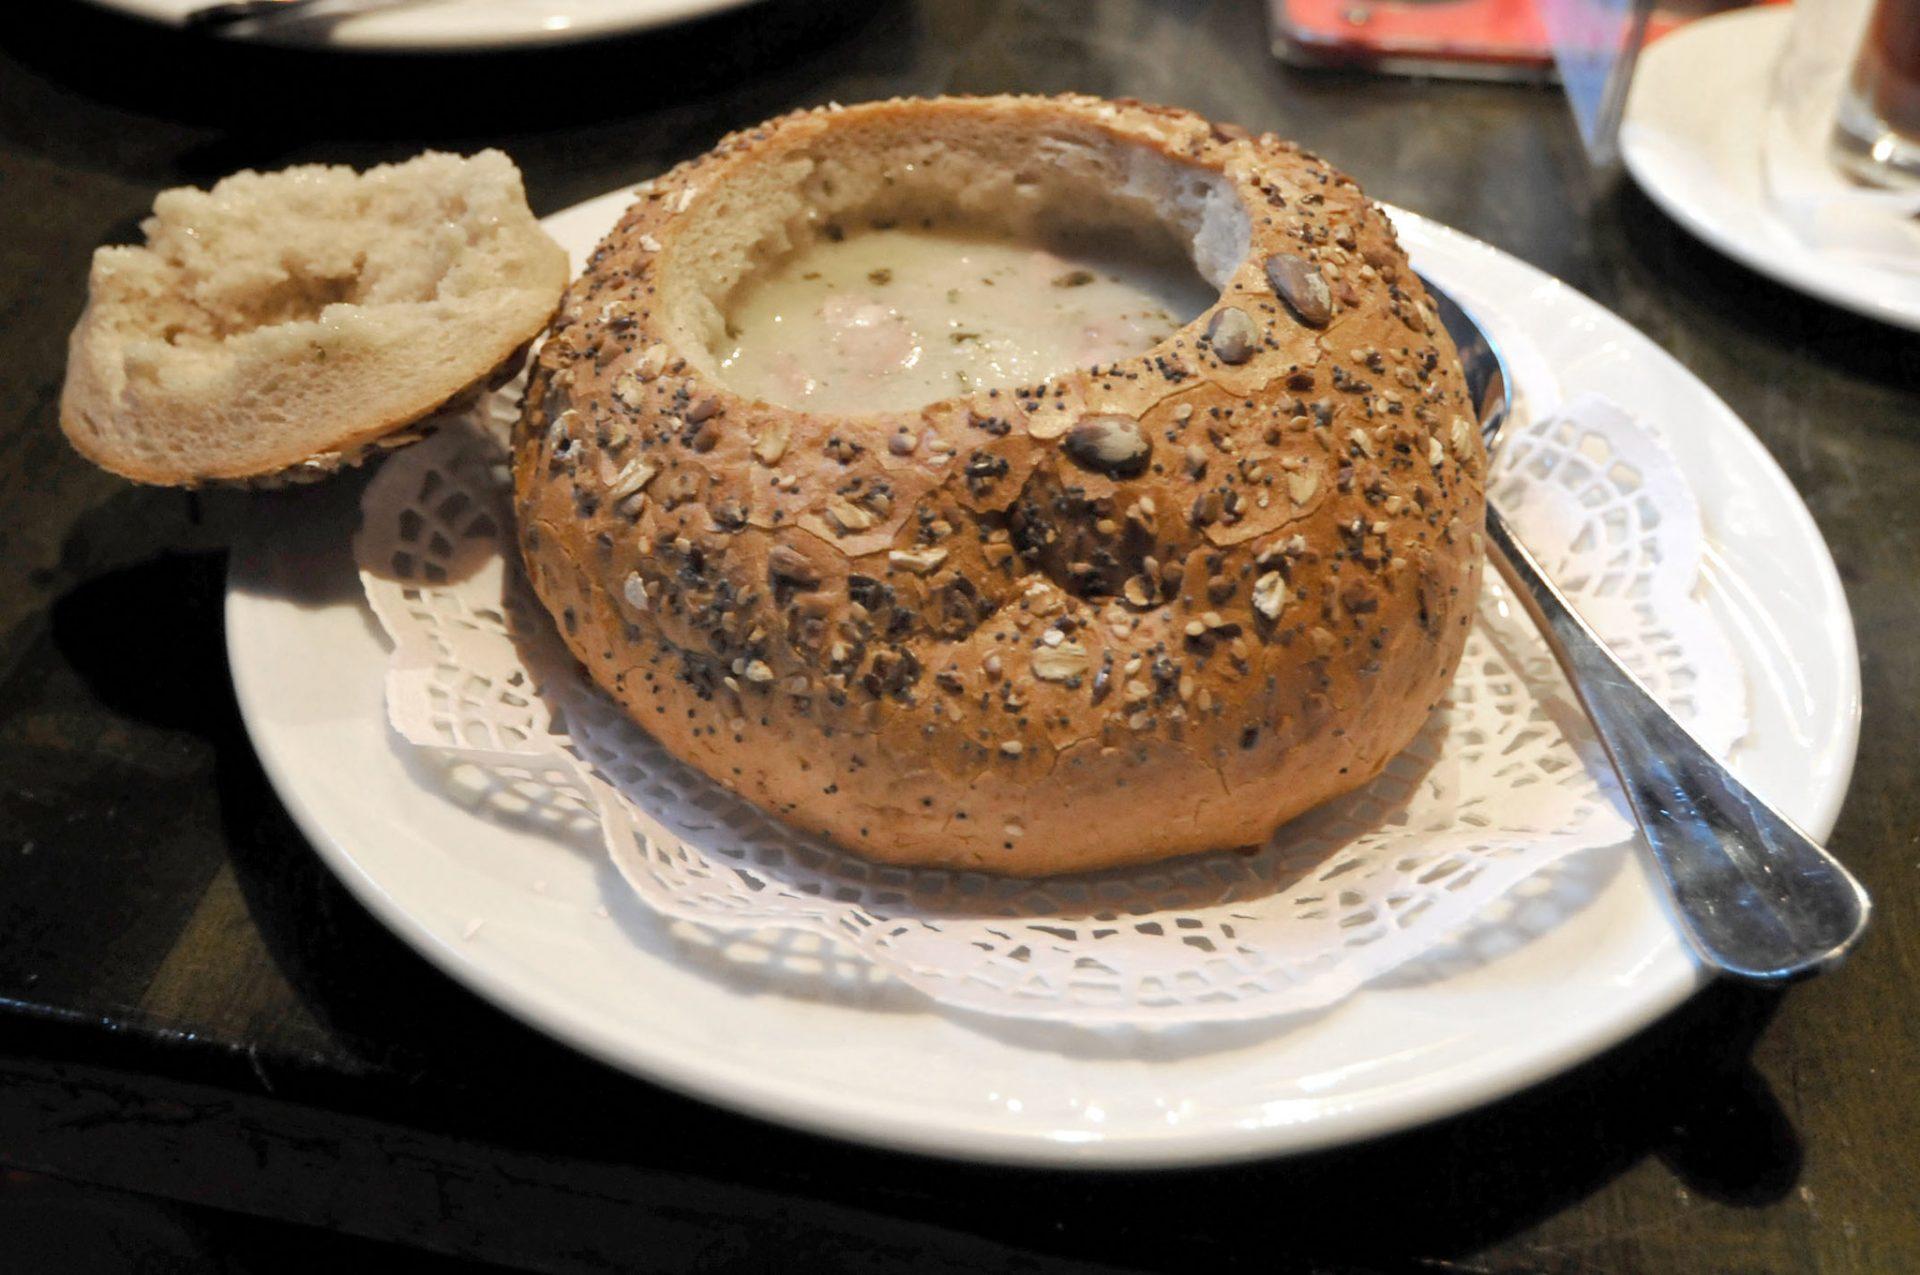 zurek w chlebie, oftewel zurek in een uitgehold brood